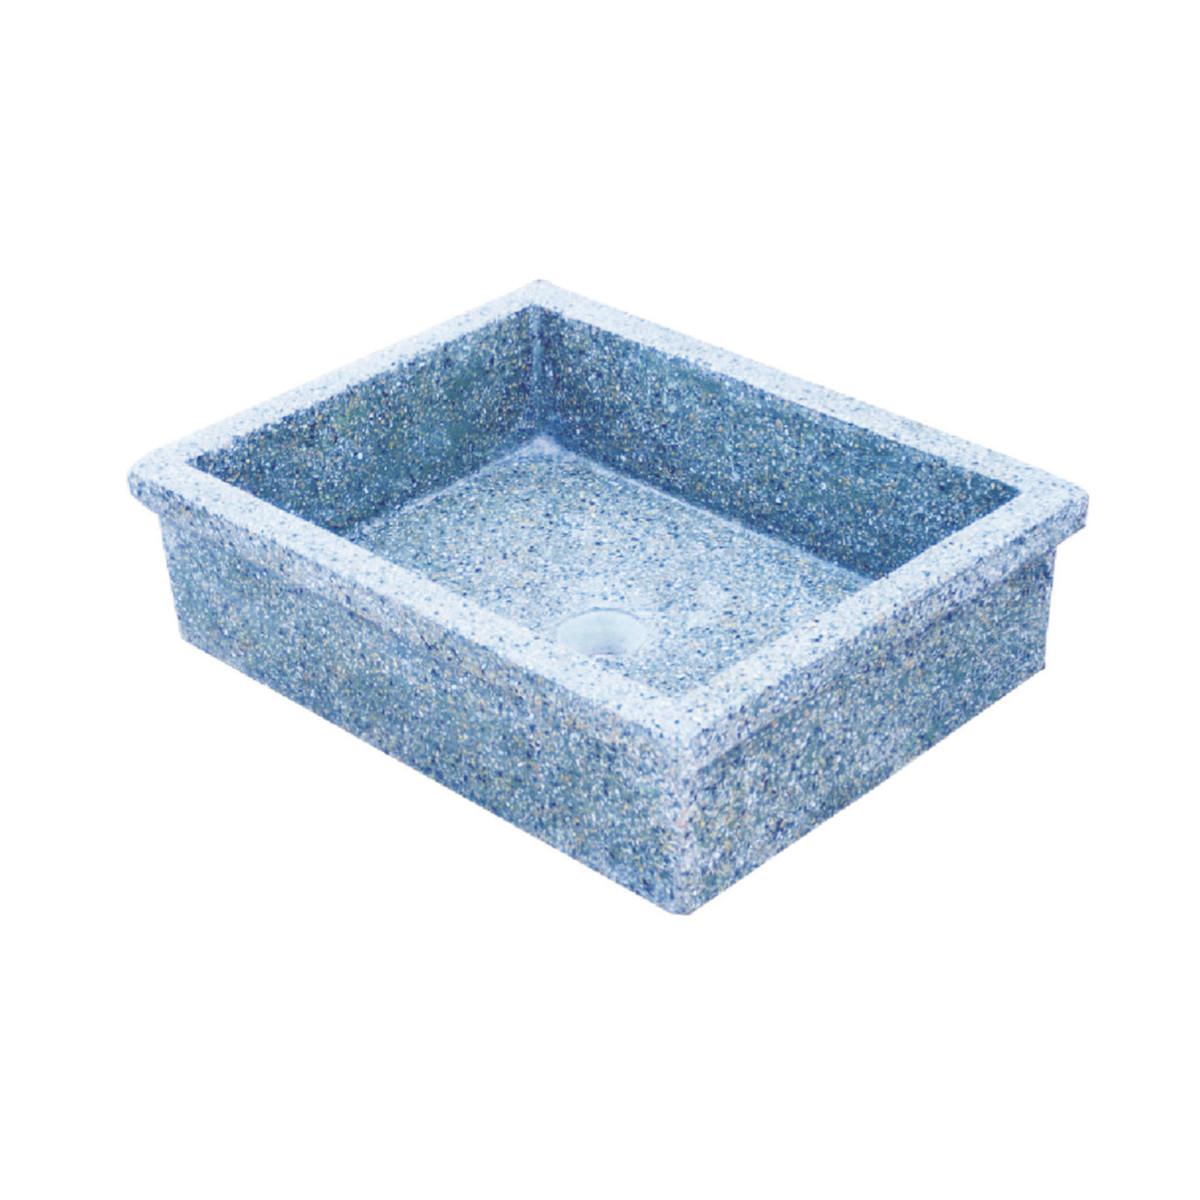 lavandini, lavelli per cucina o lavatoio per esterno | leroy merlin - Bagno Lavabo In Pietra Trogolo